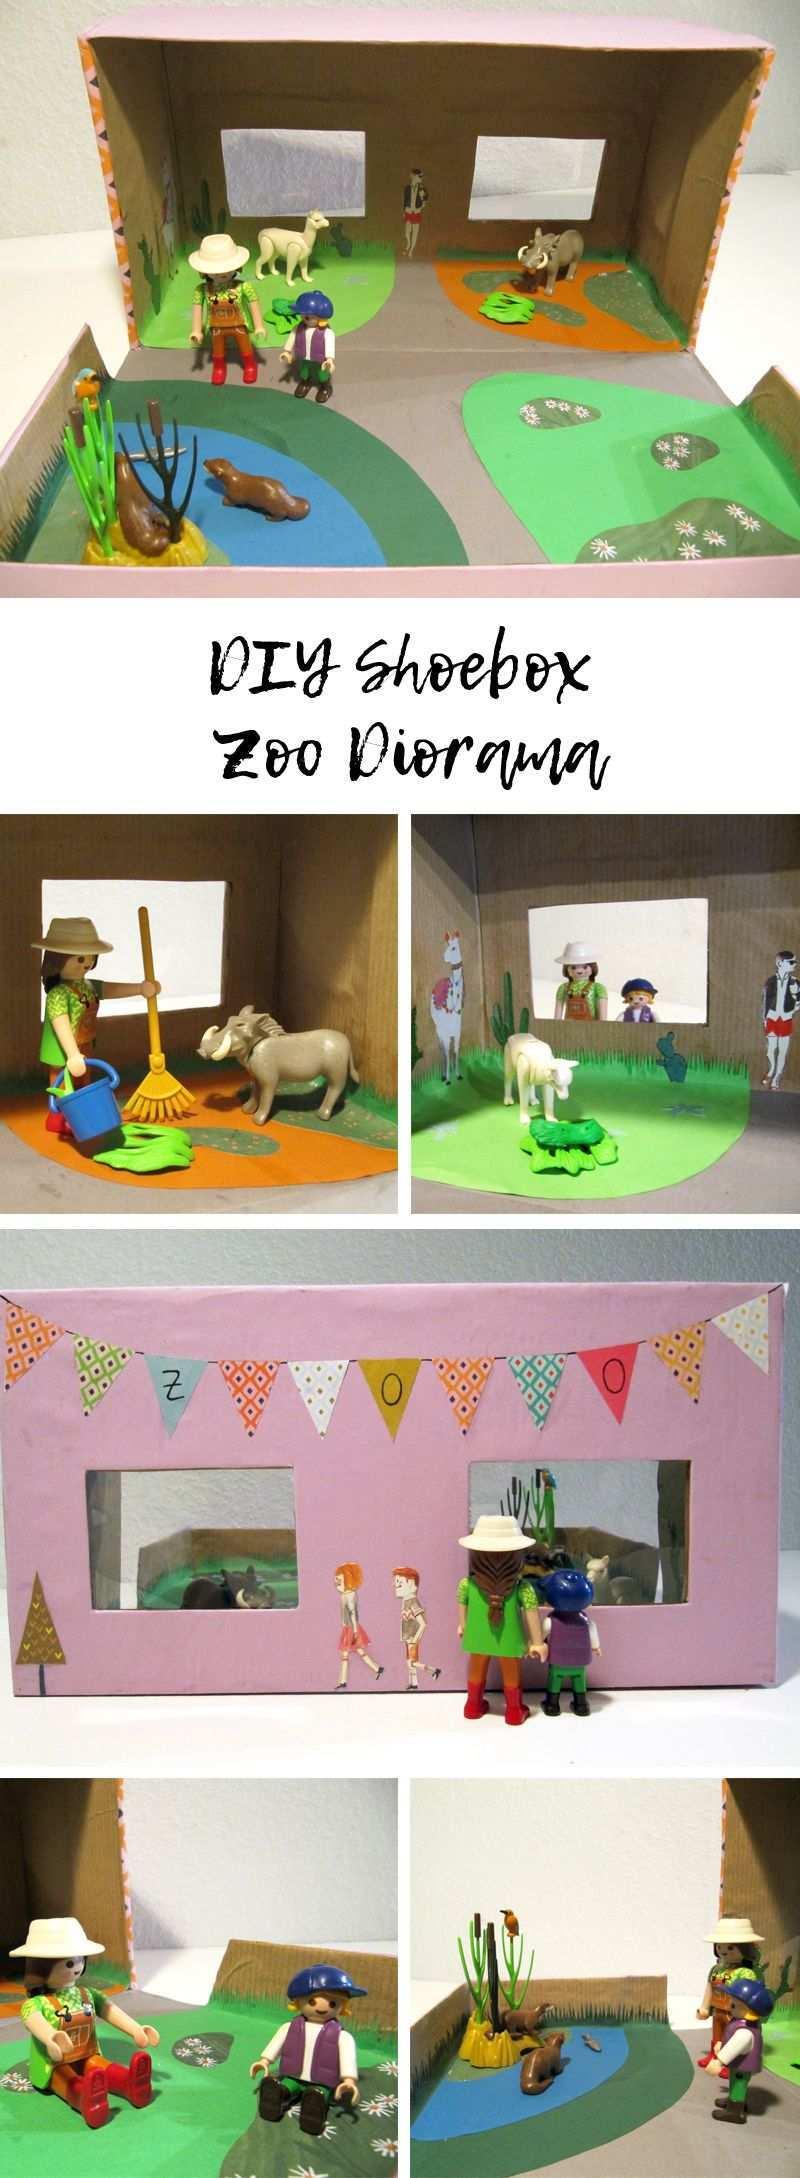 Diy Shoebox Zoo Diorama For Playmobil Toys Paw Patrol Spielzeug Kinder Spielzeug Schaukelpferd Baby